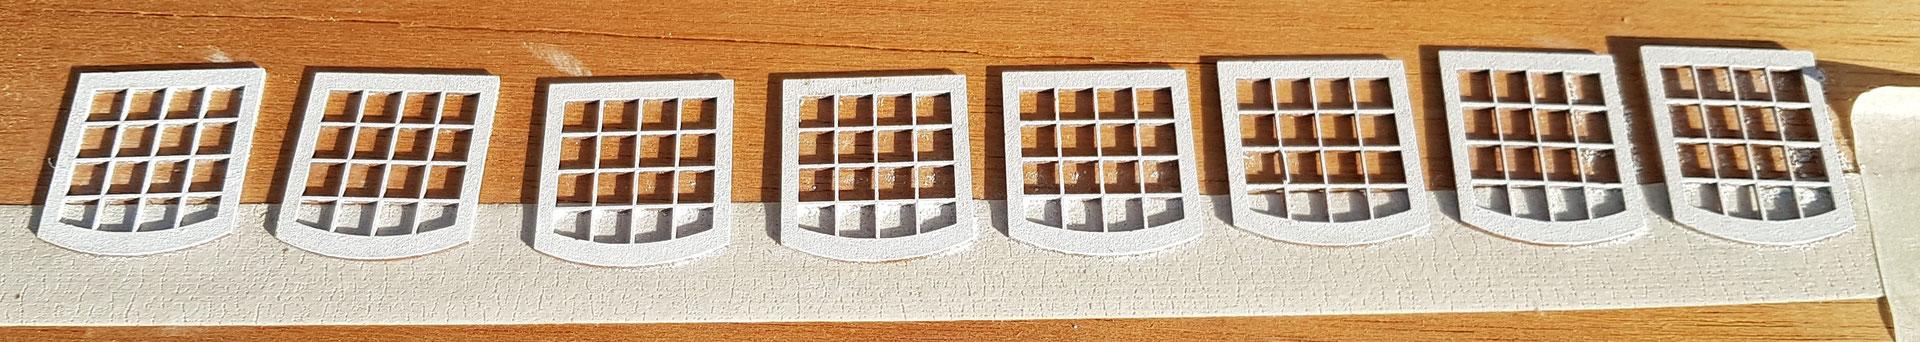 Fenster mit zwei PanPastel Farbauftrag weiß